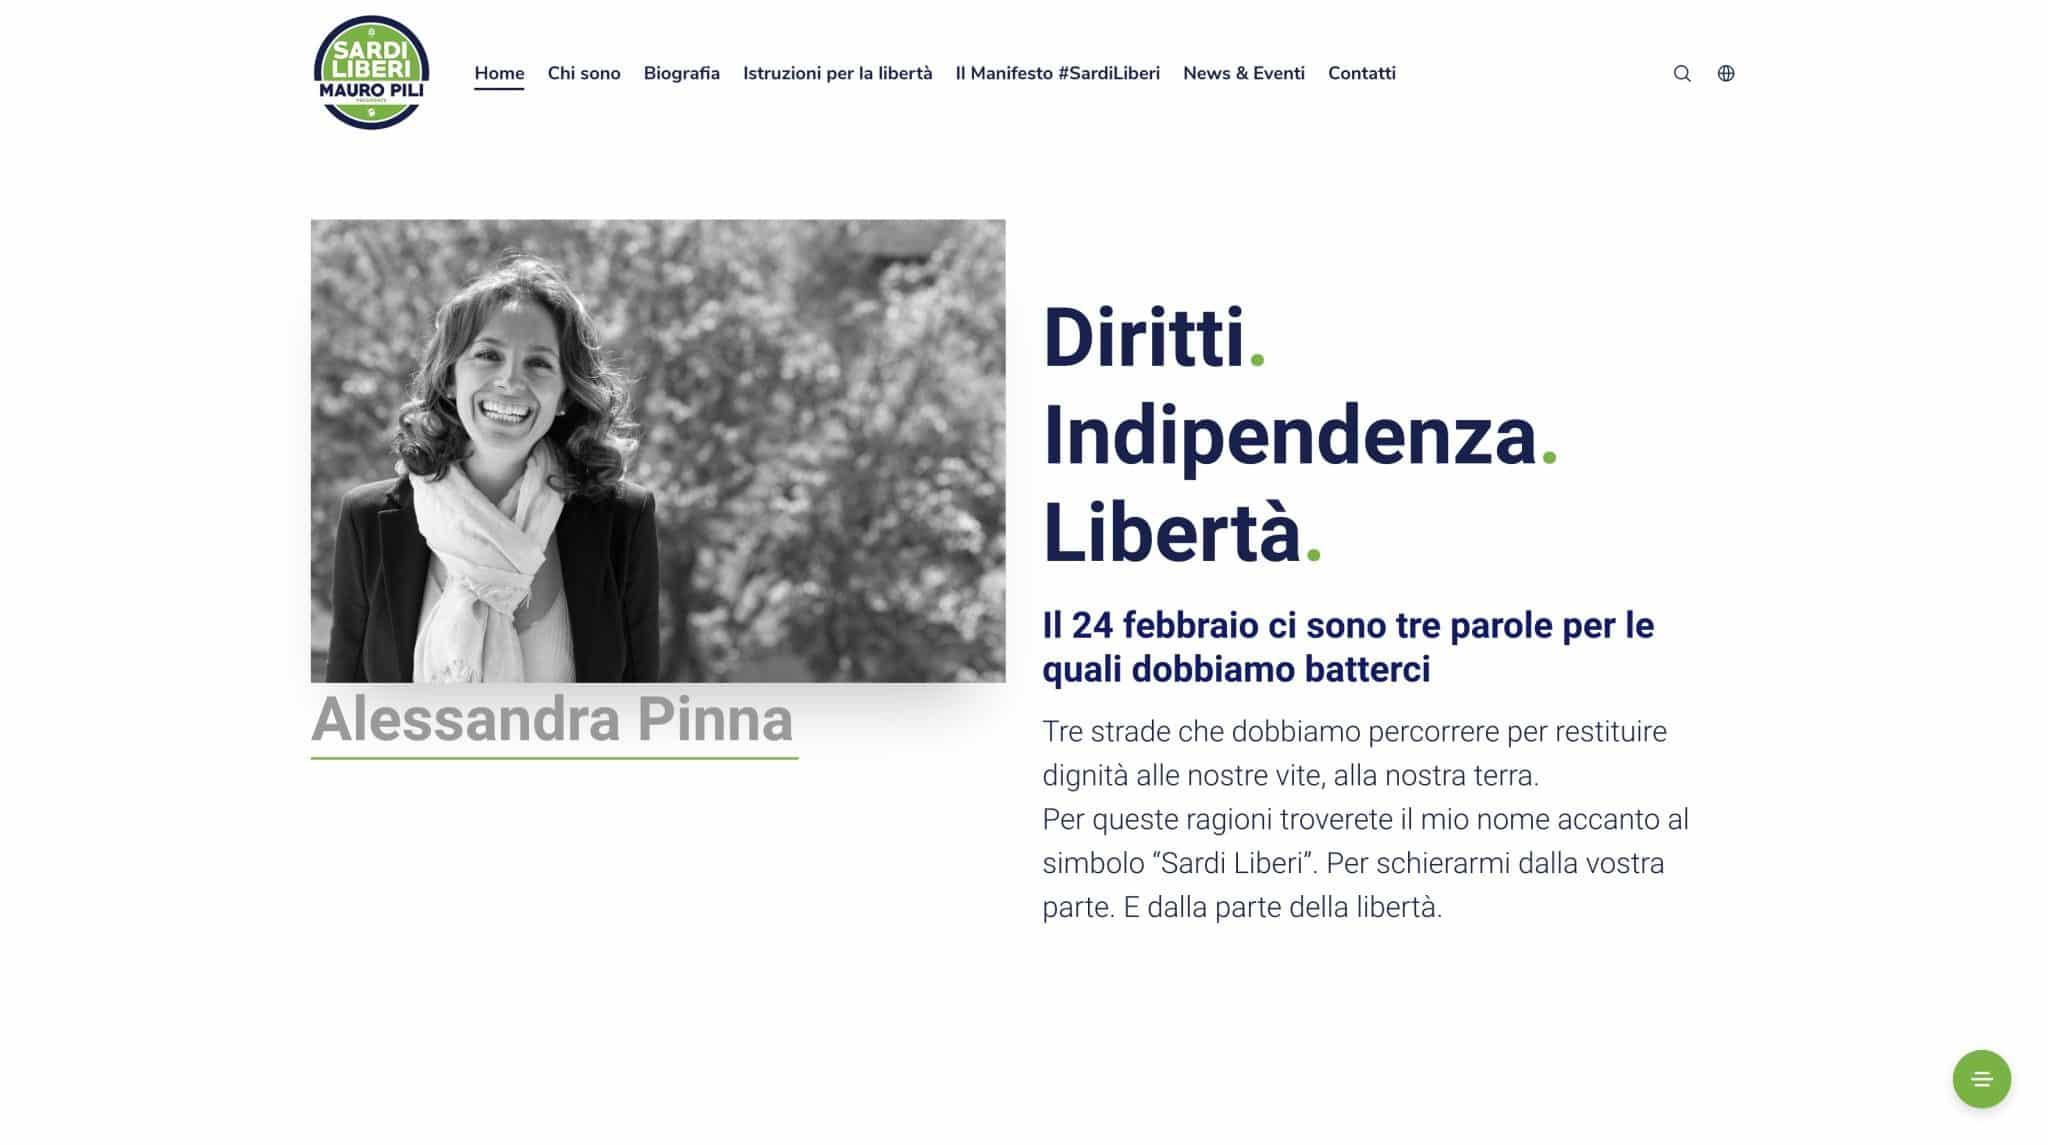 Alessandra Pinna